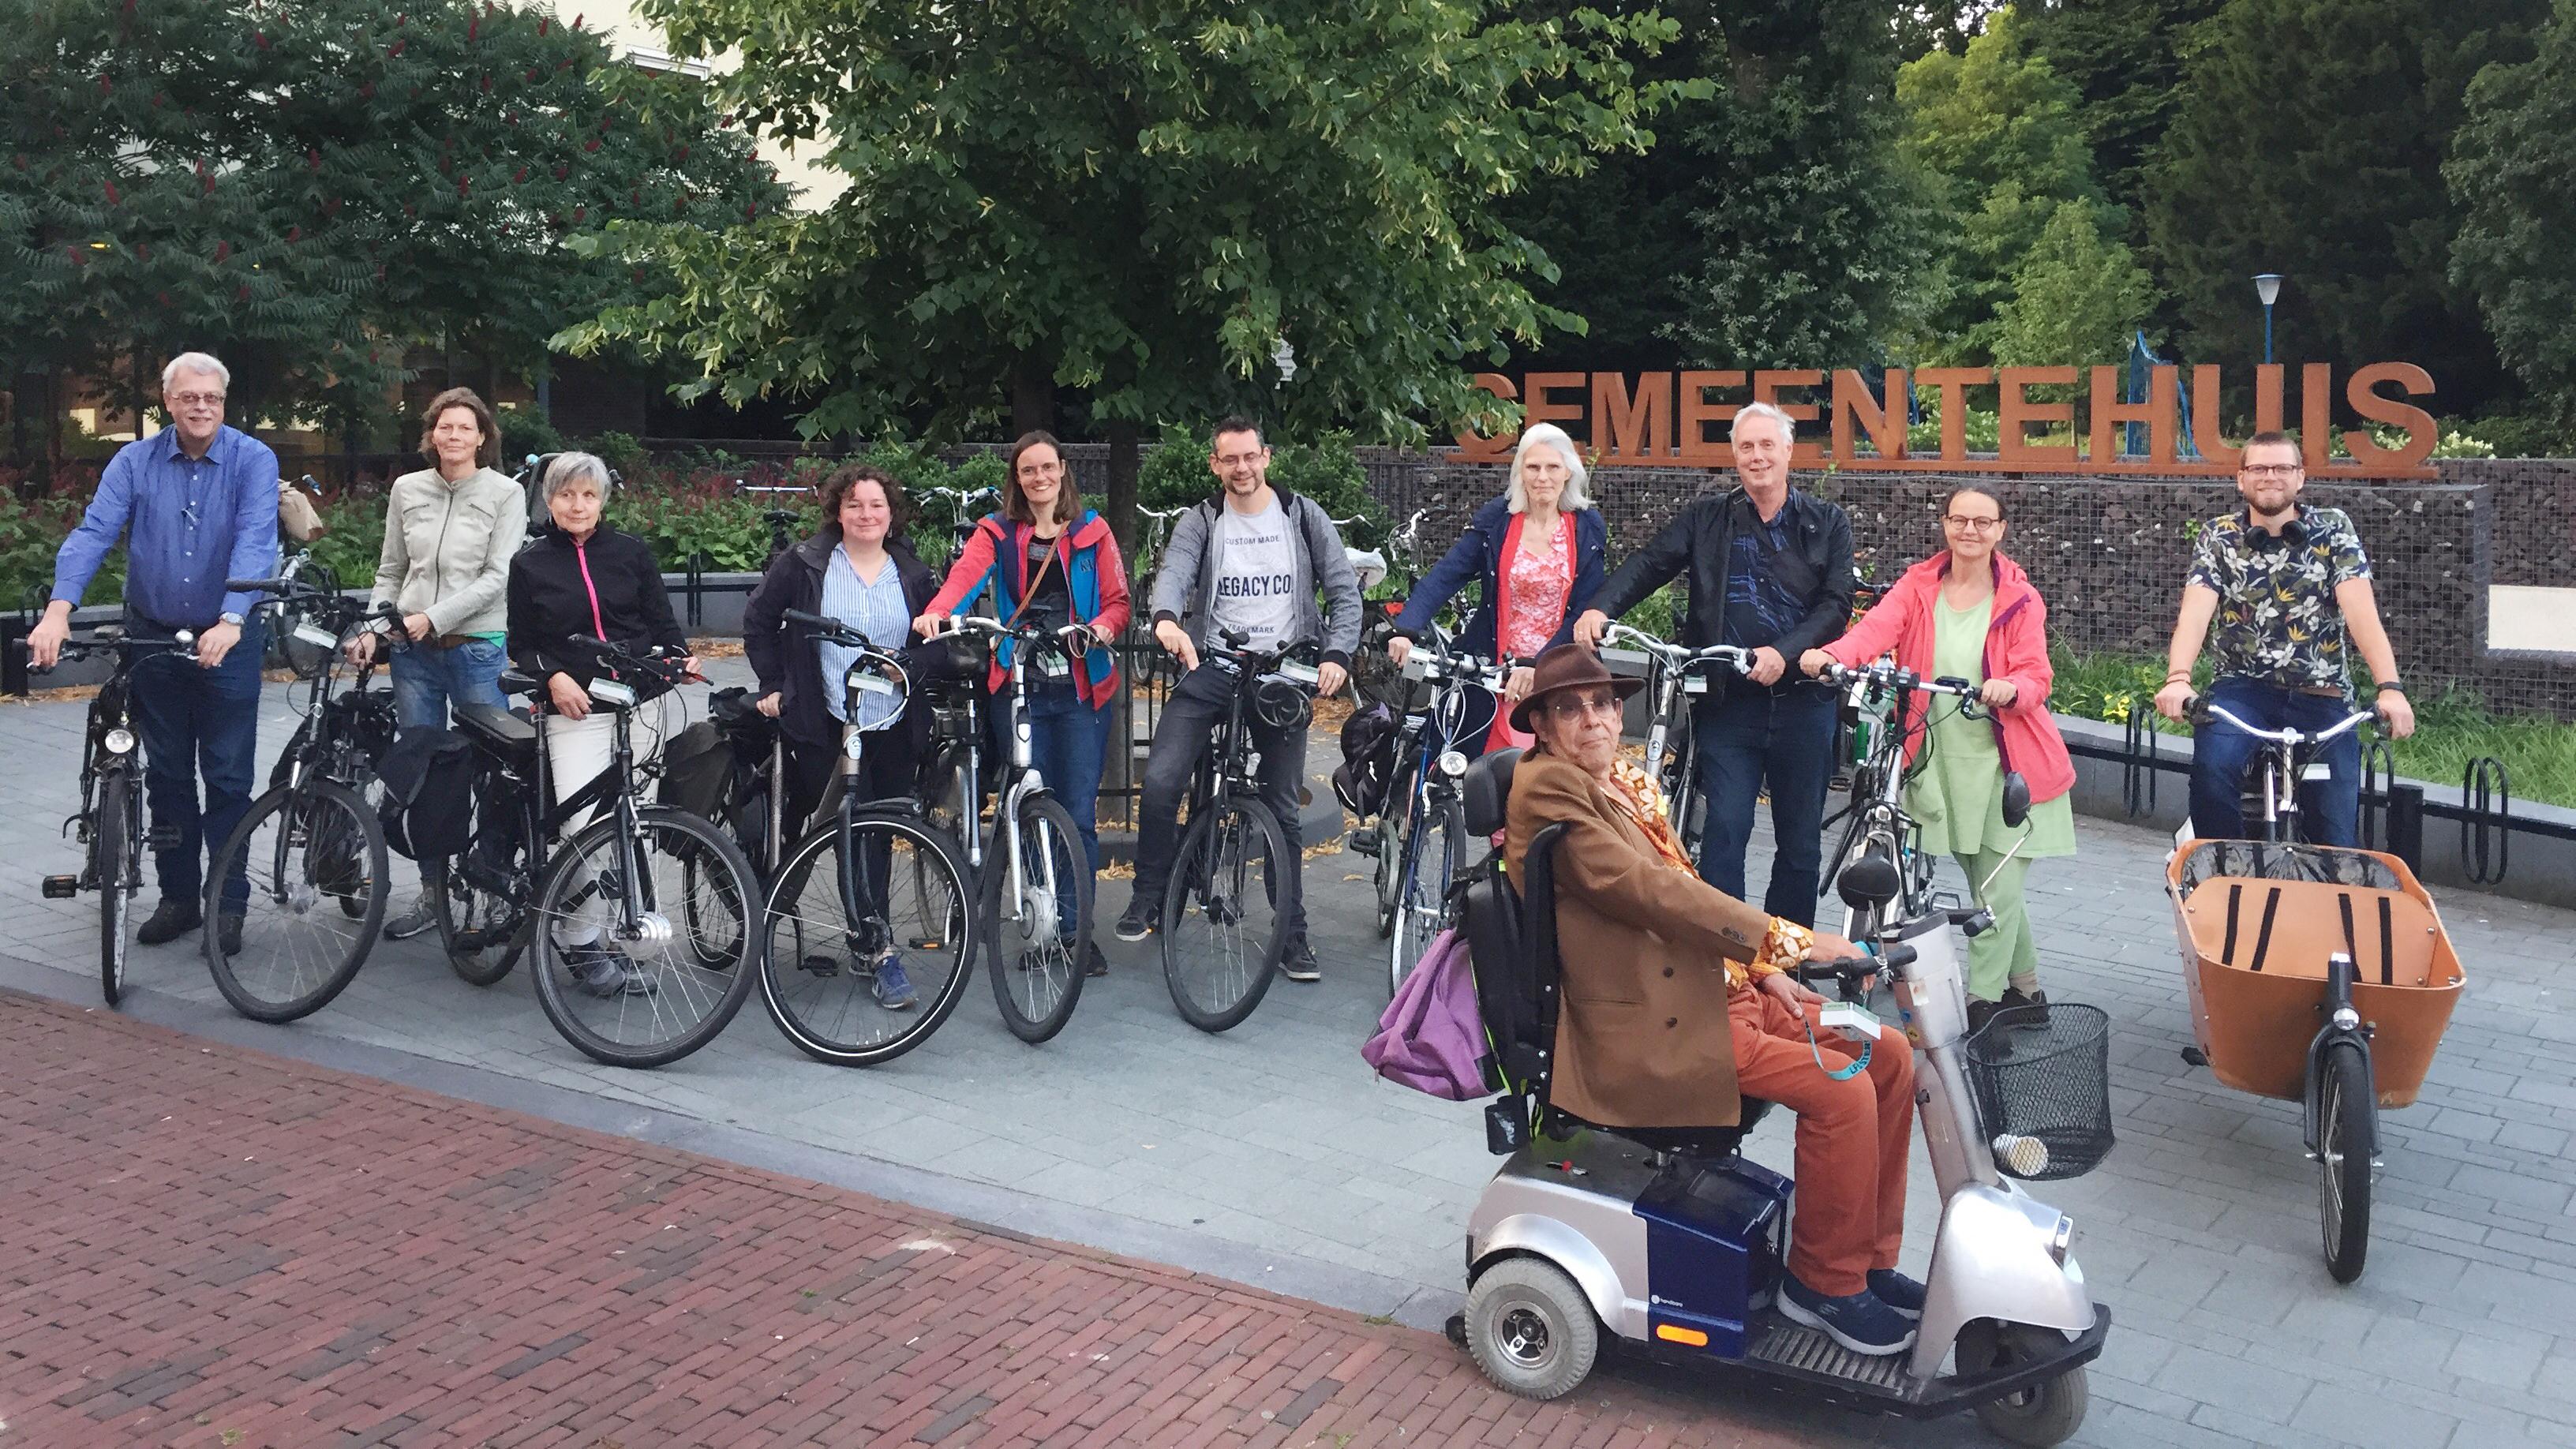 Provincie Utrecht krijgt inzicht luchtkwaliteit met behulp van sensor op fiets